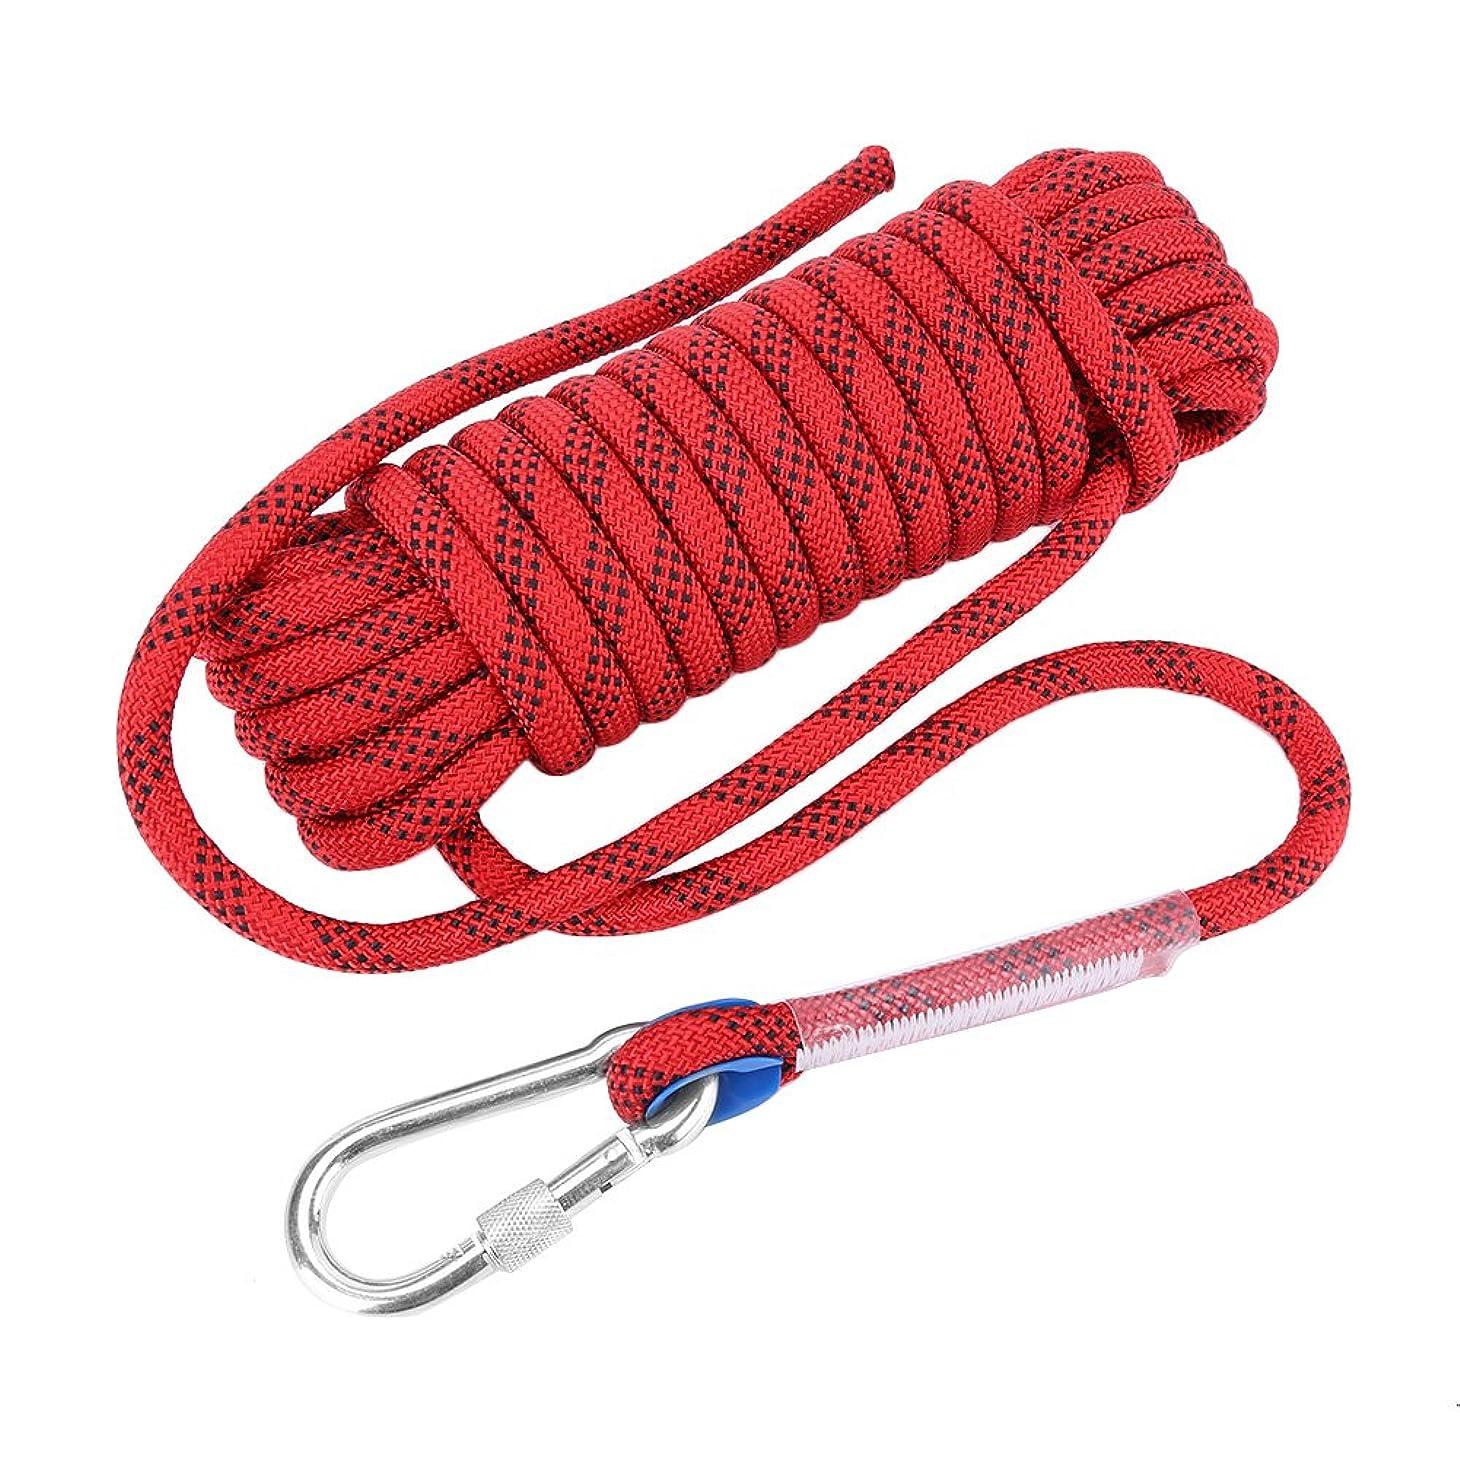 仲間見つけたクローンアウトドア クライミングロープ サバイバルコード 多目的ロープ 高強度 耐摩耗 カラビナ付 12mm 2100kgまで サバイバル/登山用ロープ